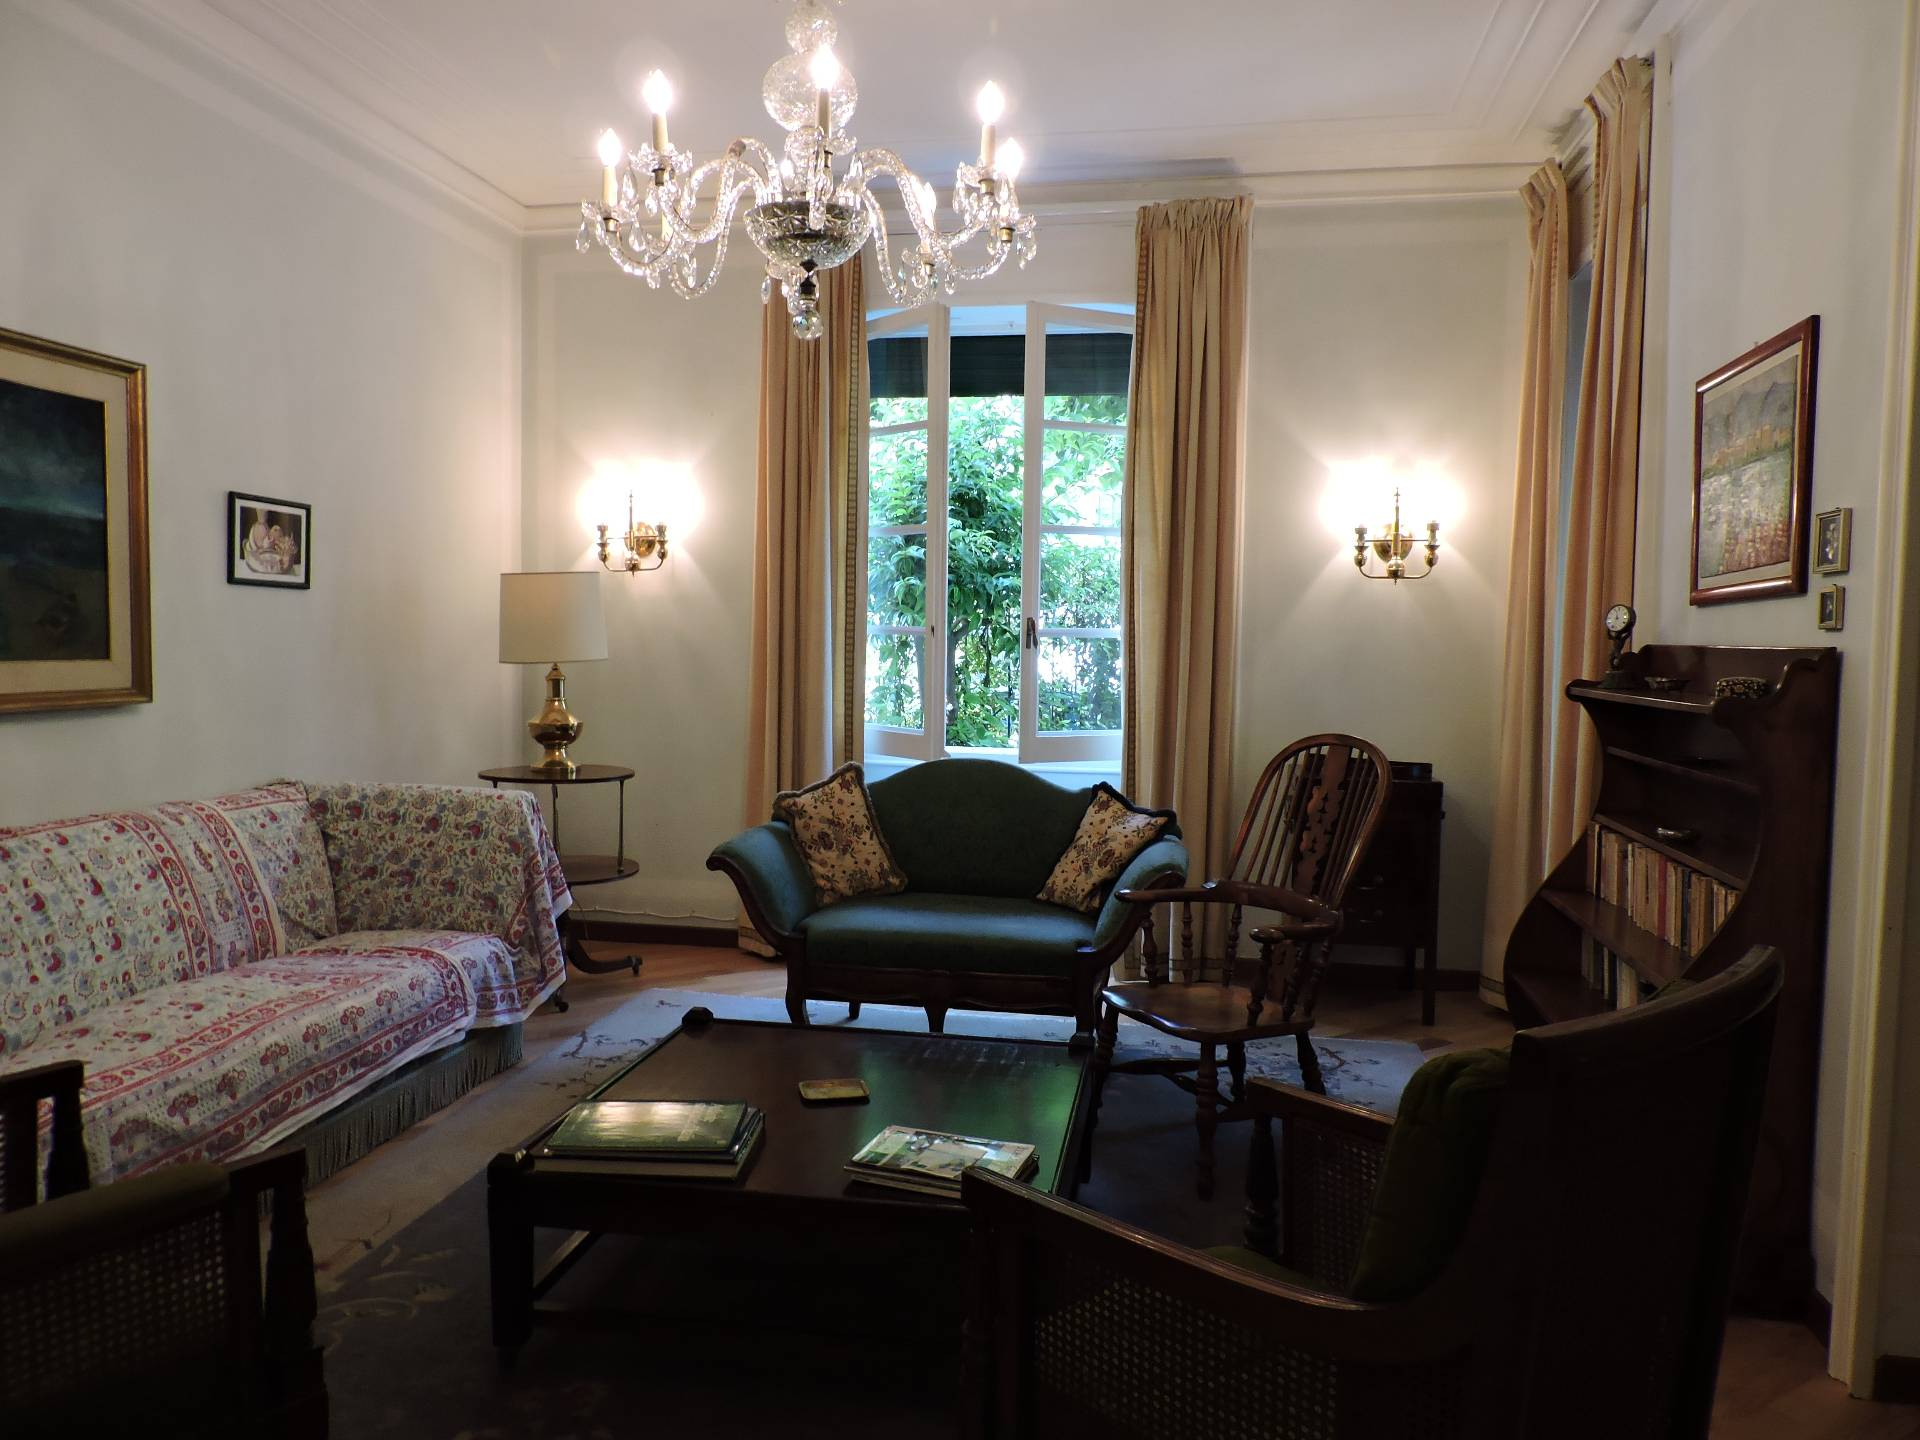 Appartamento in affitto a Santa Margherita Ligure, 5 locali, Trattative riservate   CambioCasa.it